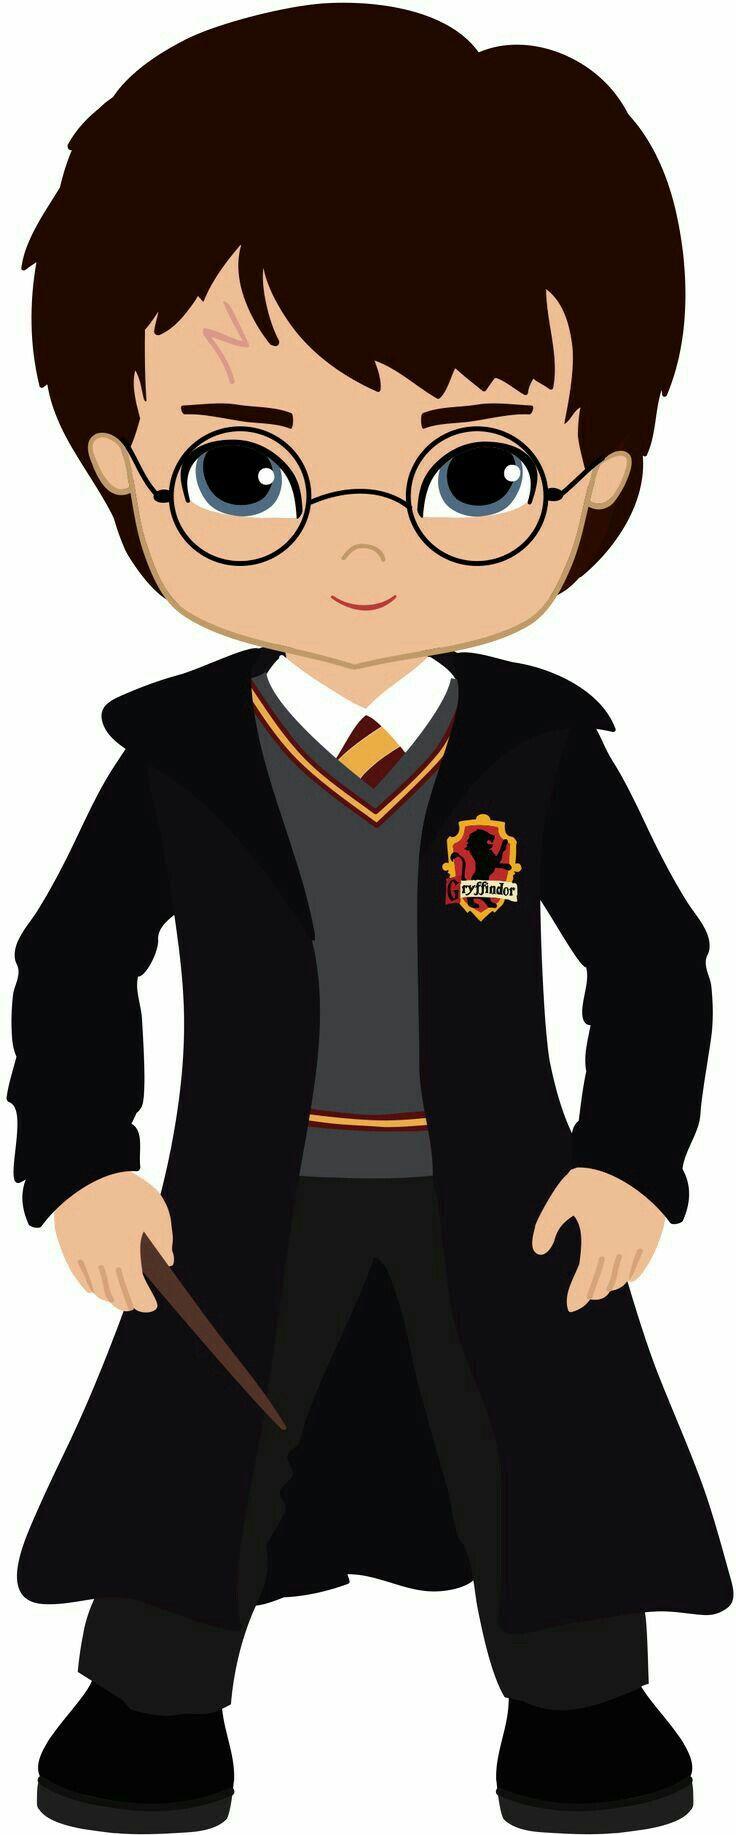 Pin De Elisa Mascarenhas Em Arte Digital Desenhos Harry Potter